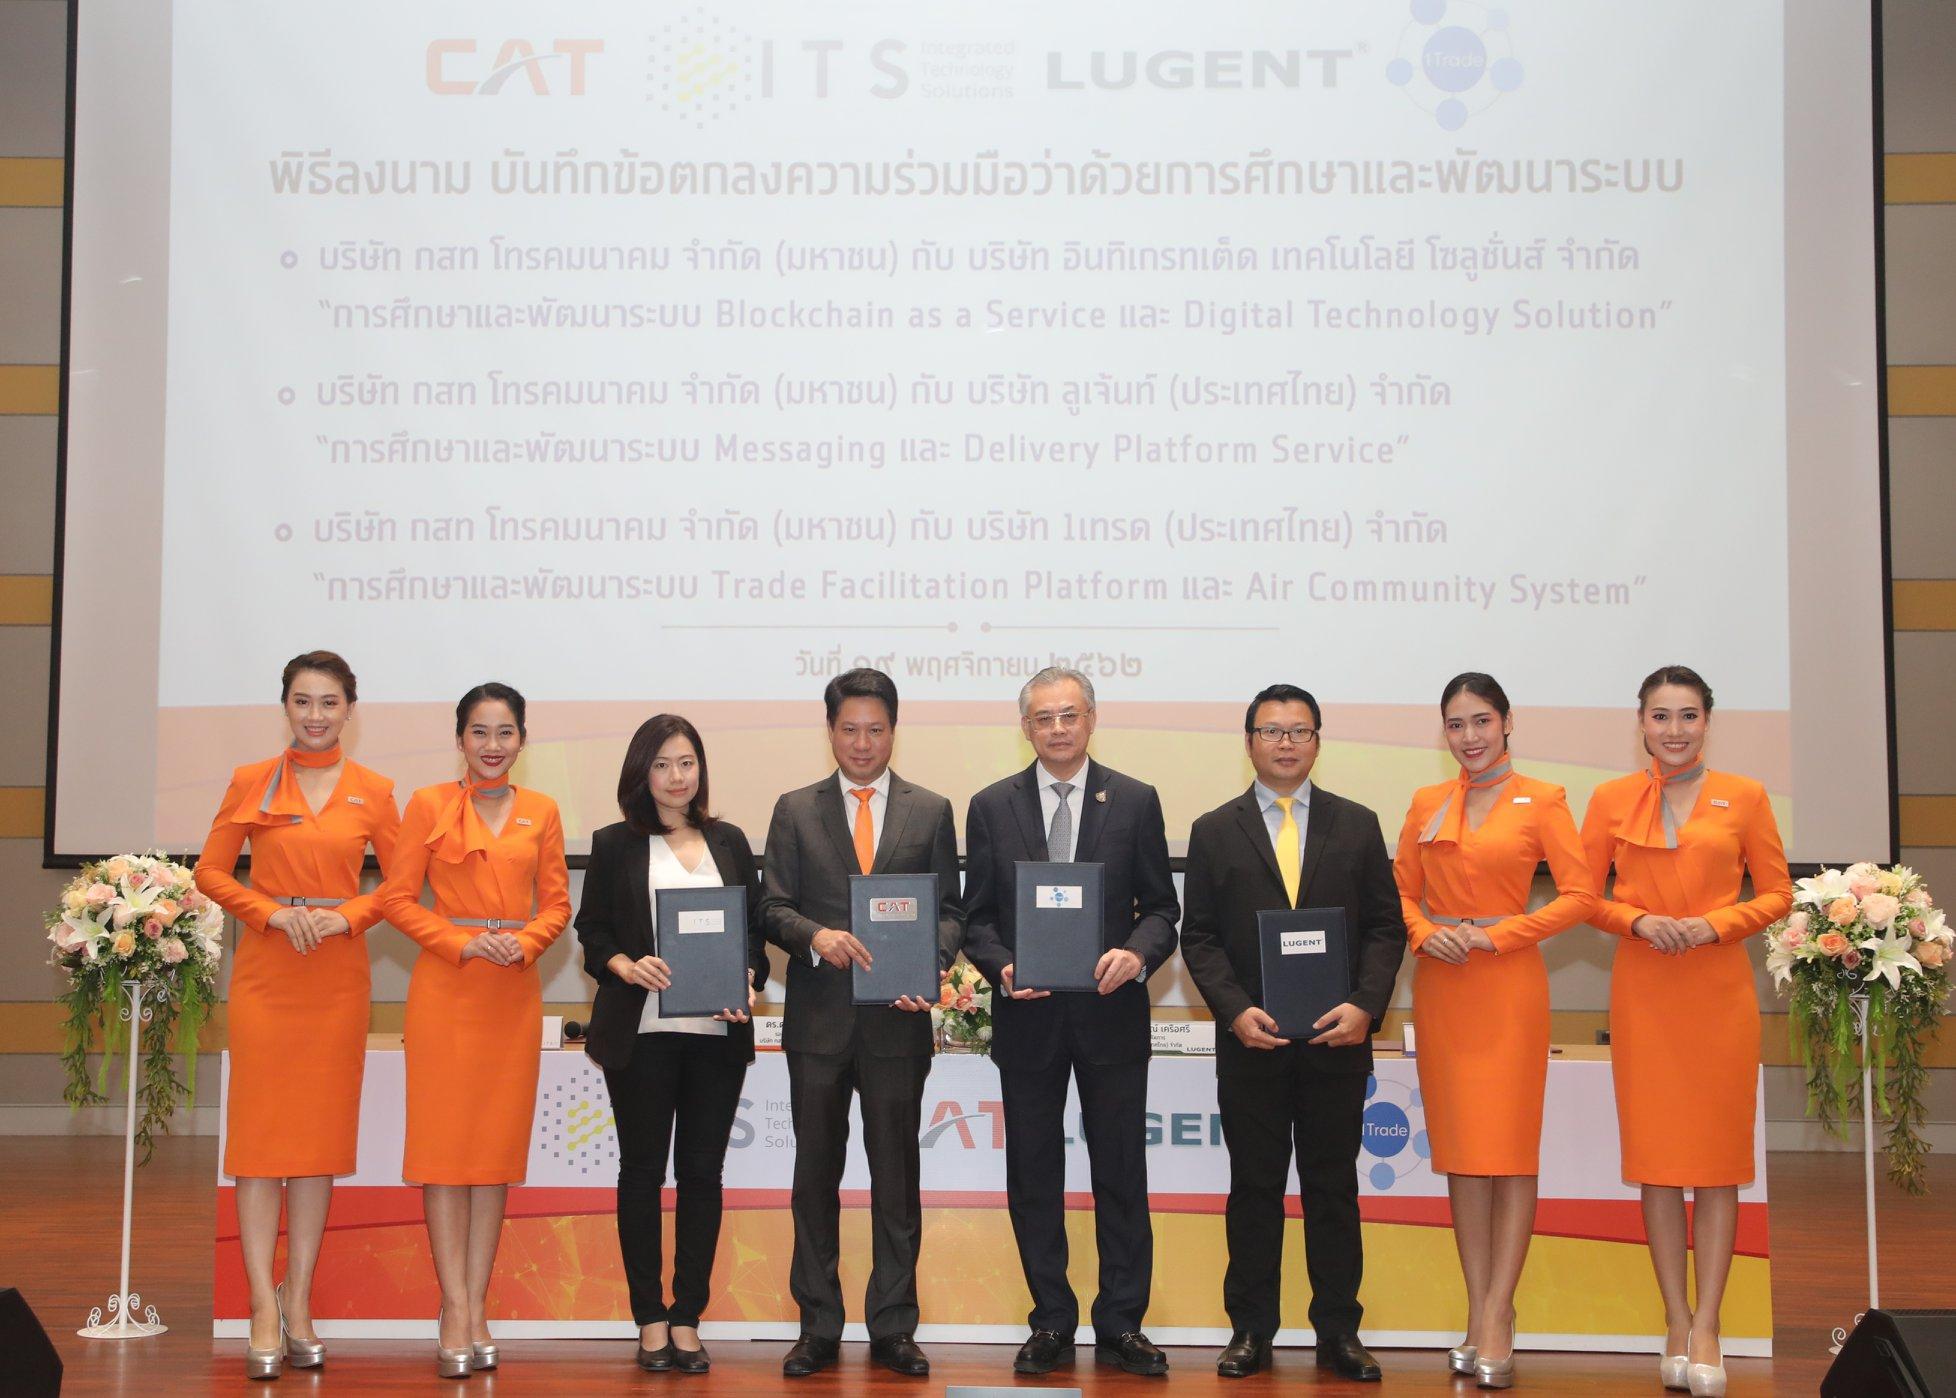 CAT จับมือ 3 พันธมิตร พัฒนาแอปพลิเคชั่น ต่อยอดบริการ e-Business Solution